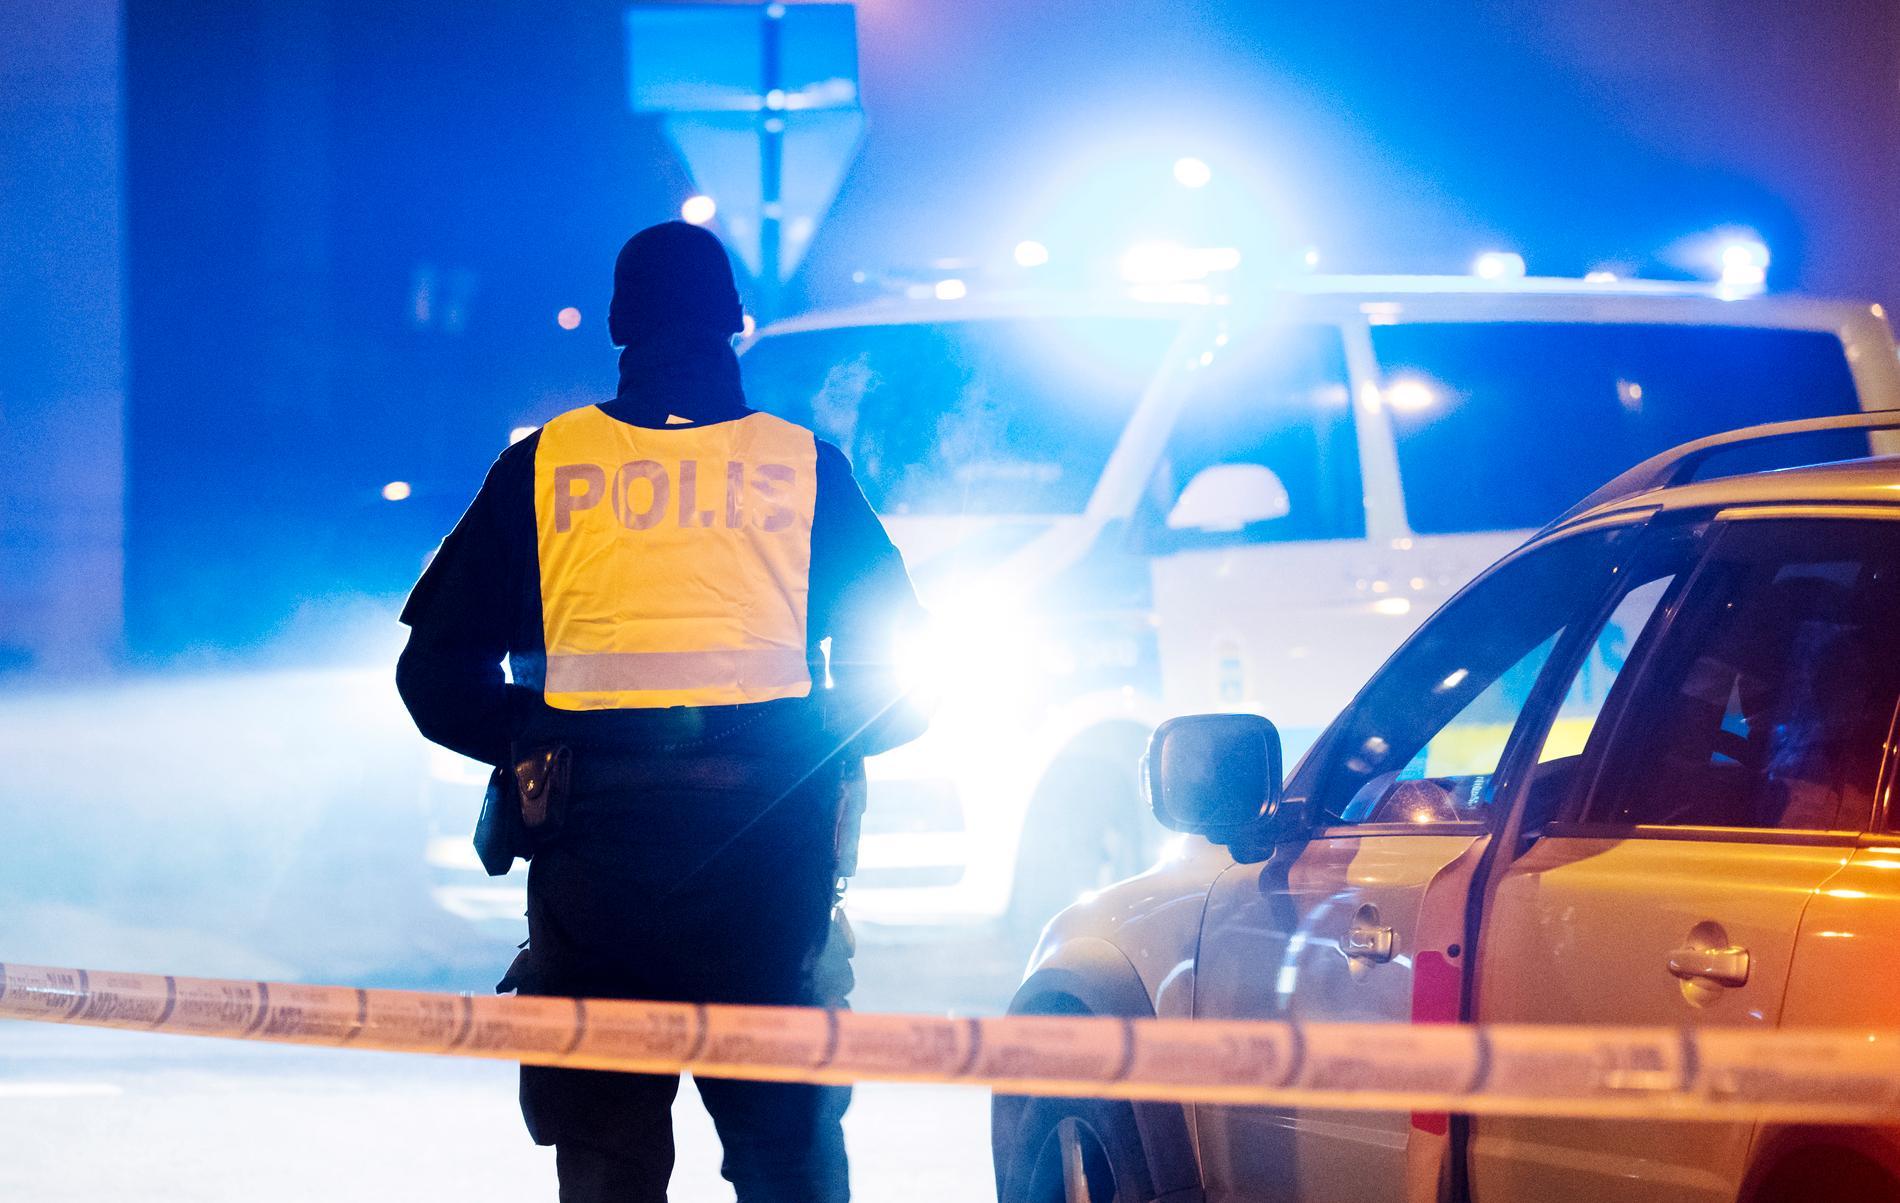 Dödsskjutningar bland unga män i Sverige ökar och ligger nu i topp mot jämförbara europeiska länder, visar en ny studie. Arkivbild.